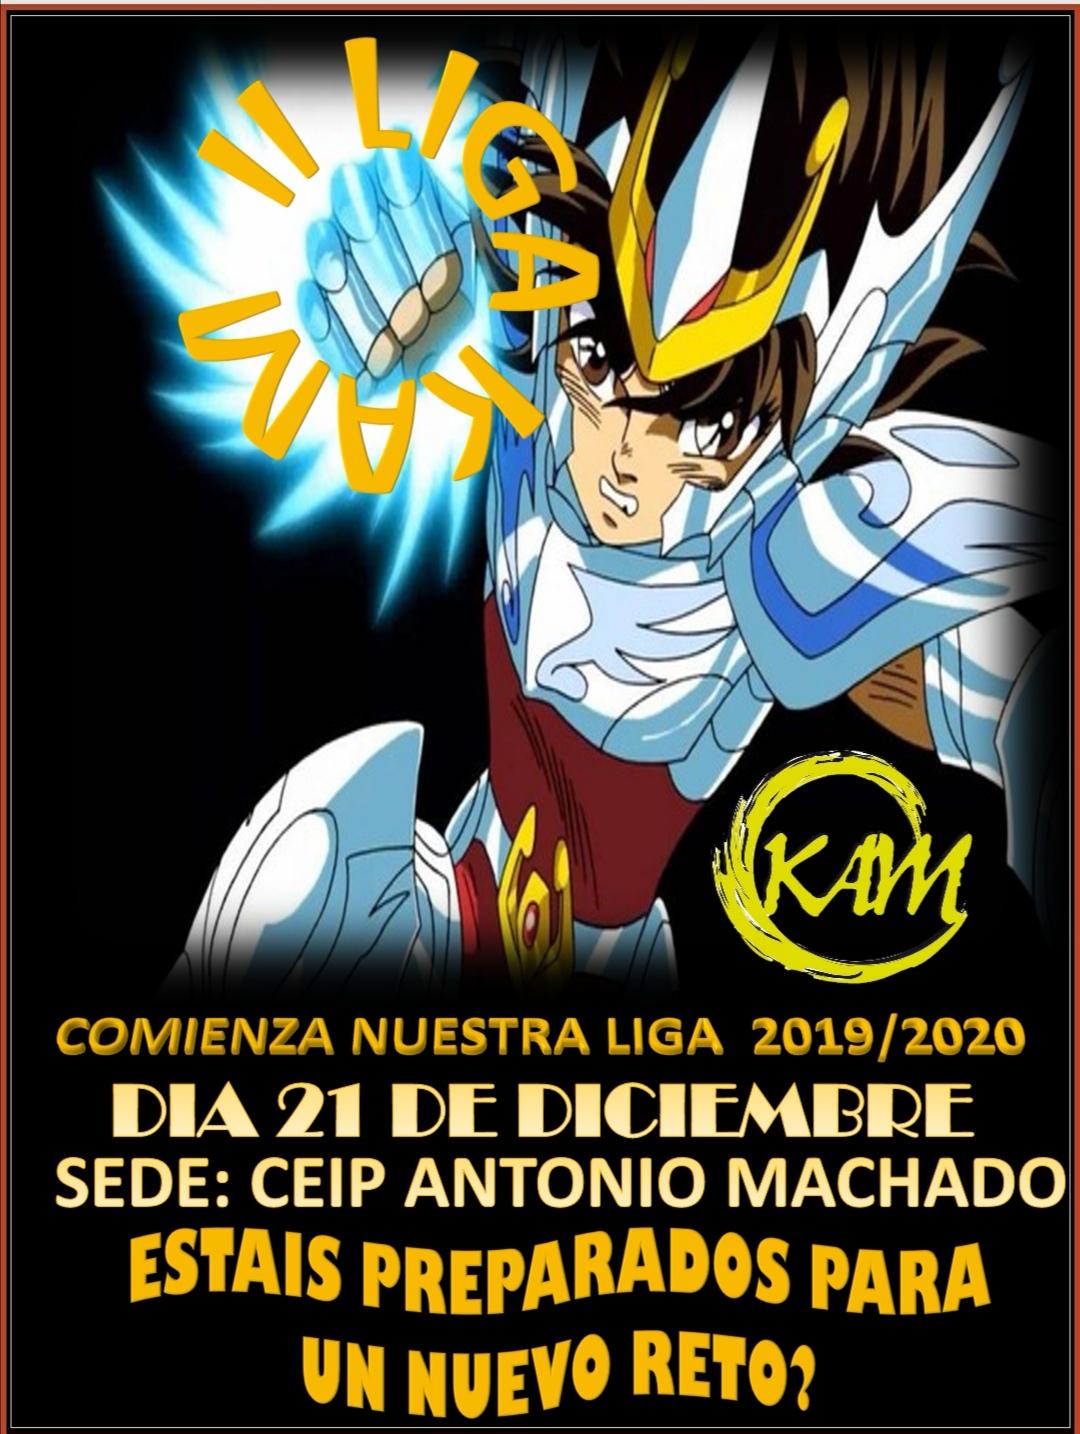 Liga KAM 2020 Jornada 1